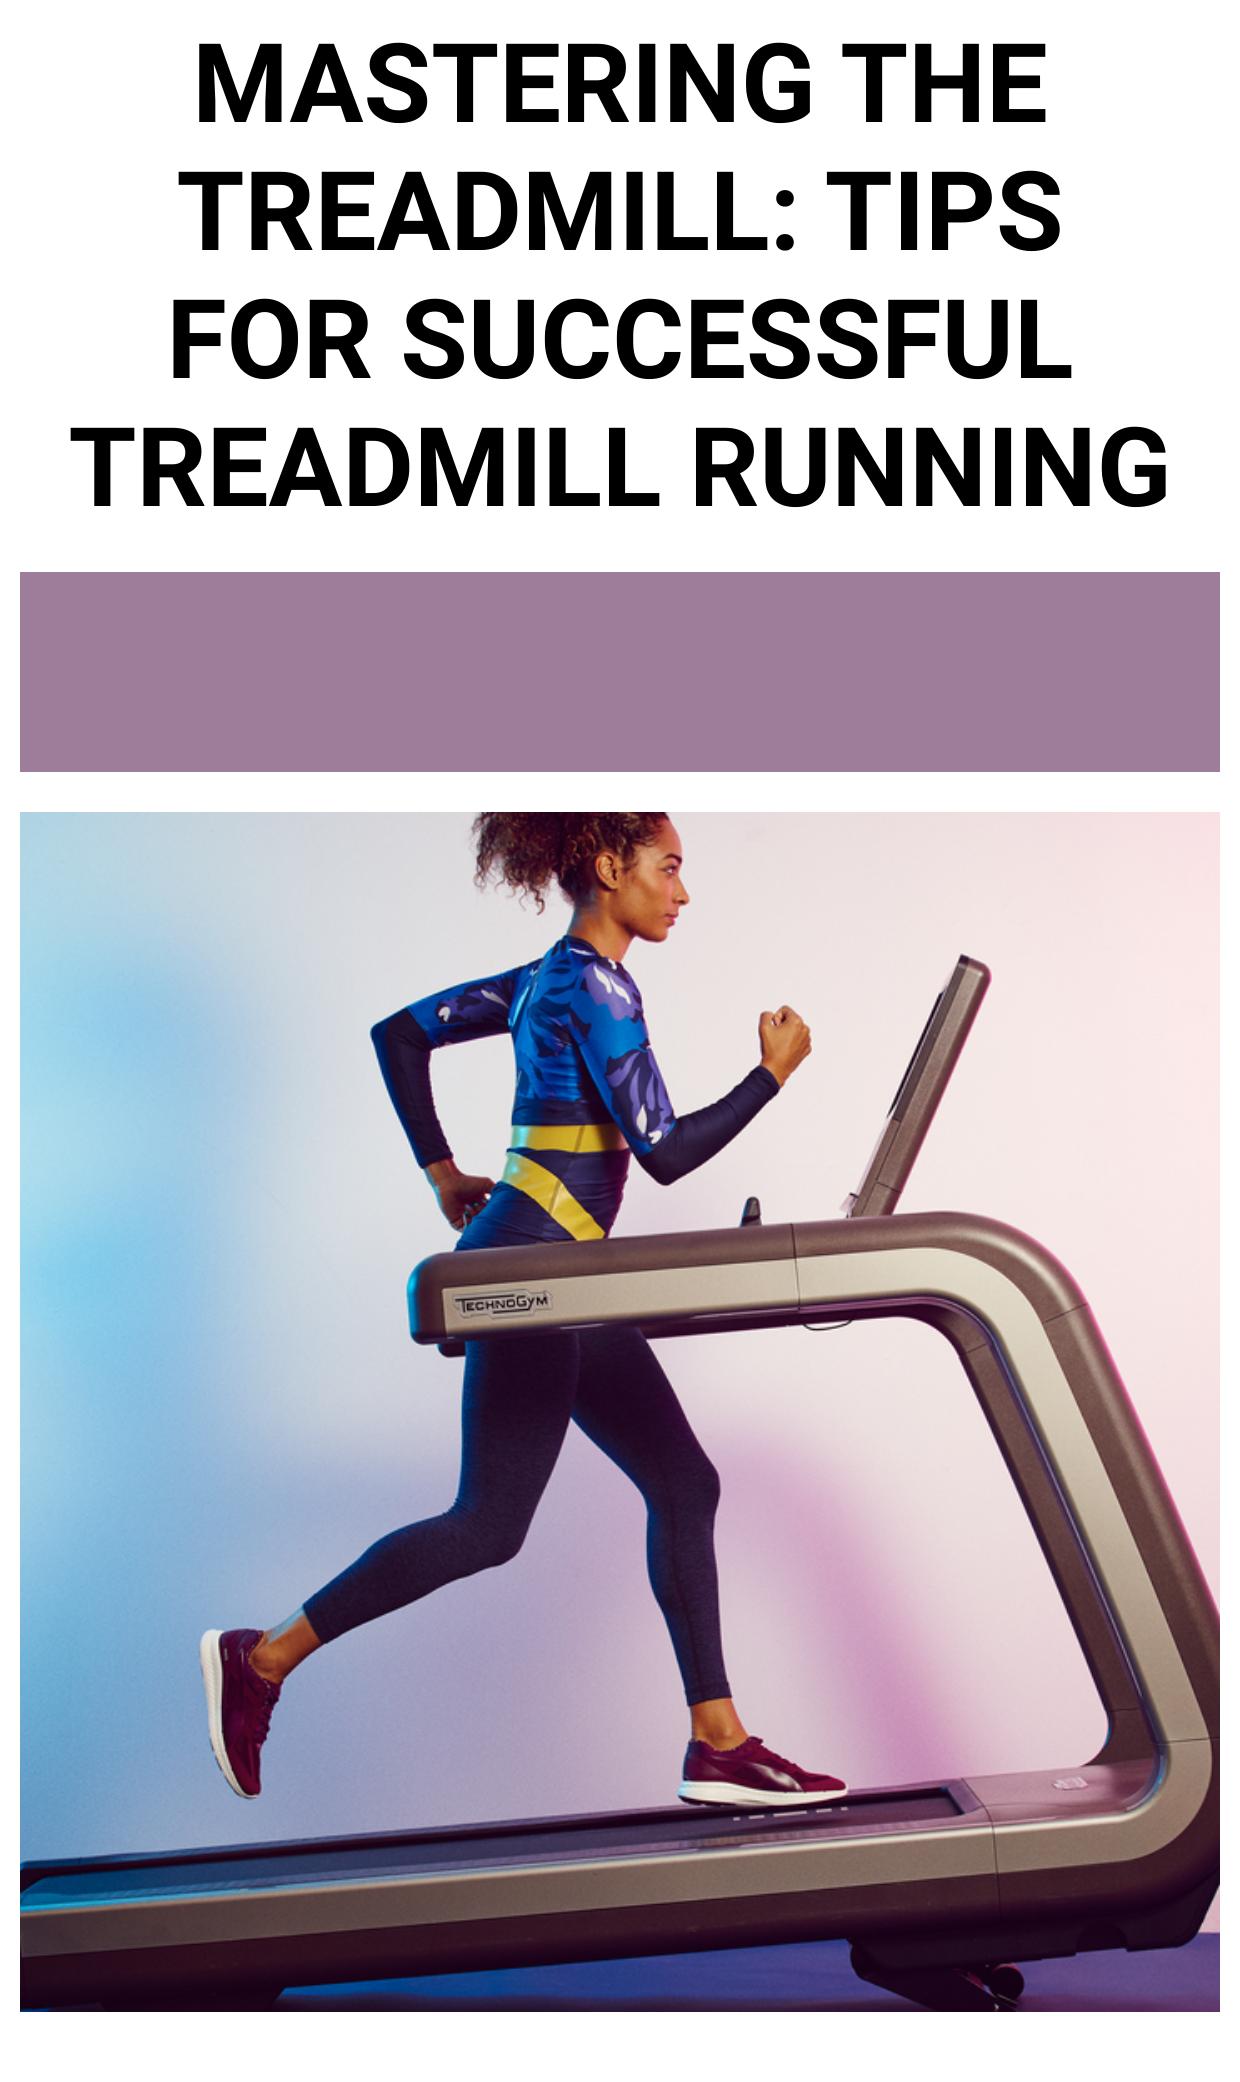 Mastering the Treadmill: Tips for Successful Treadmill Running